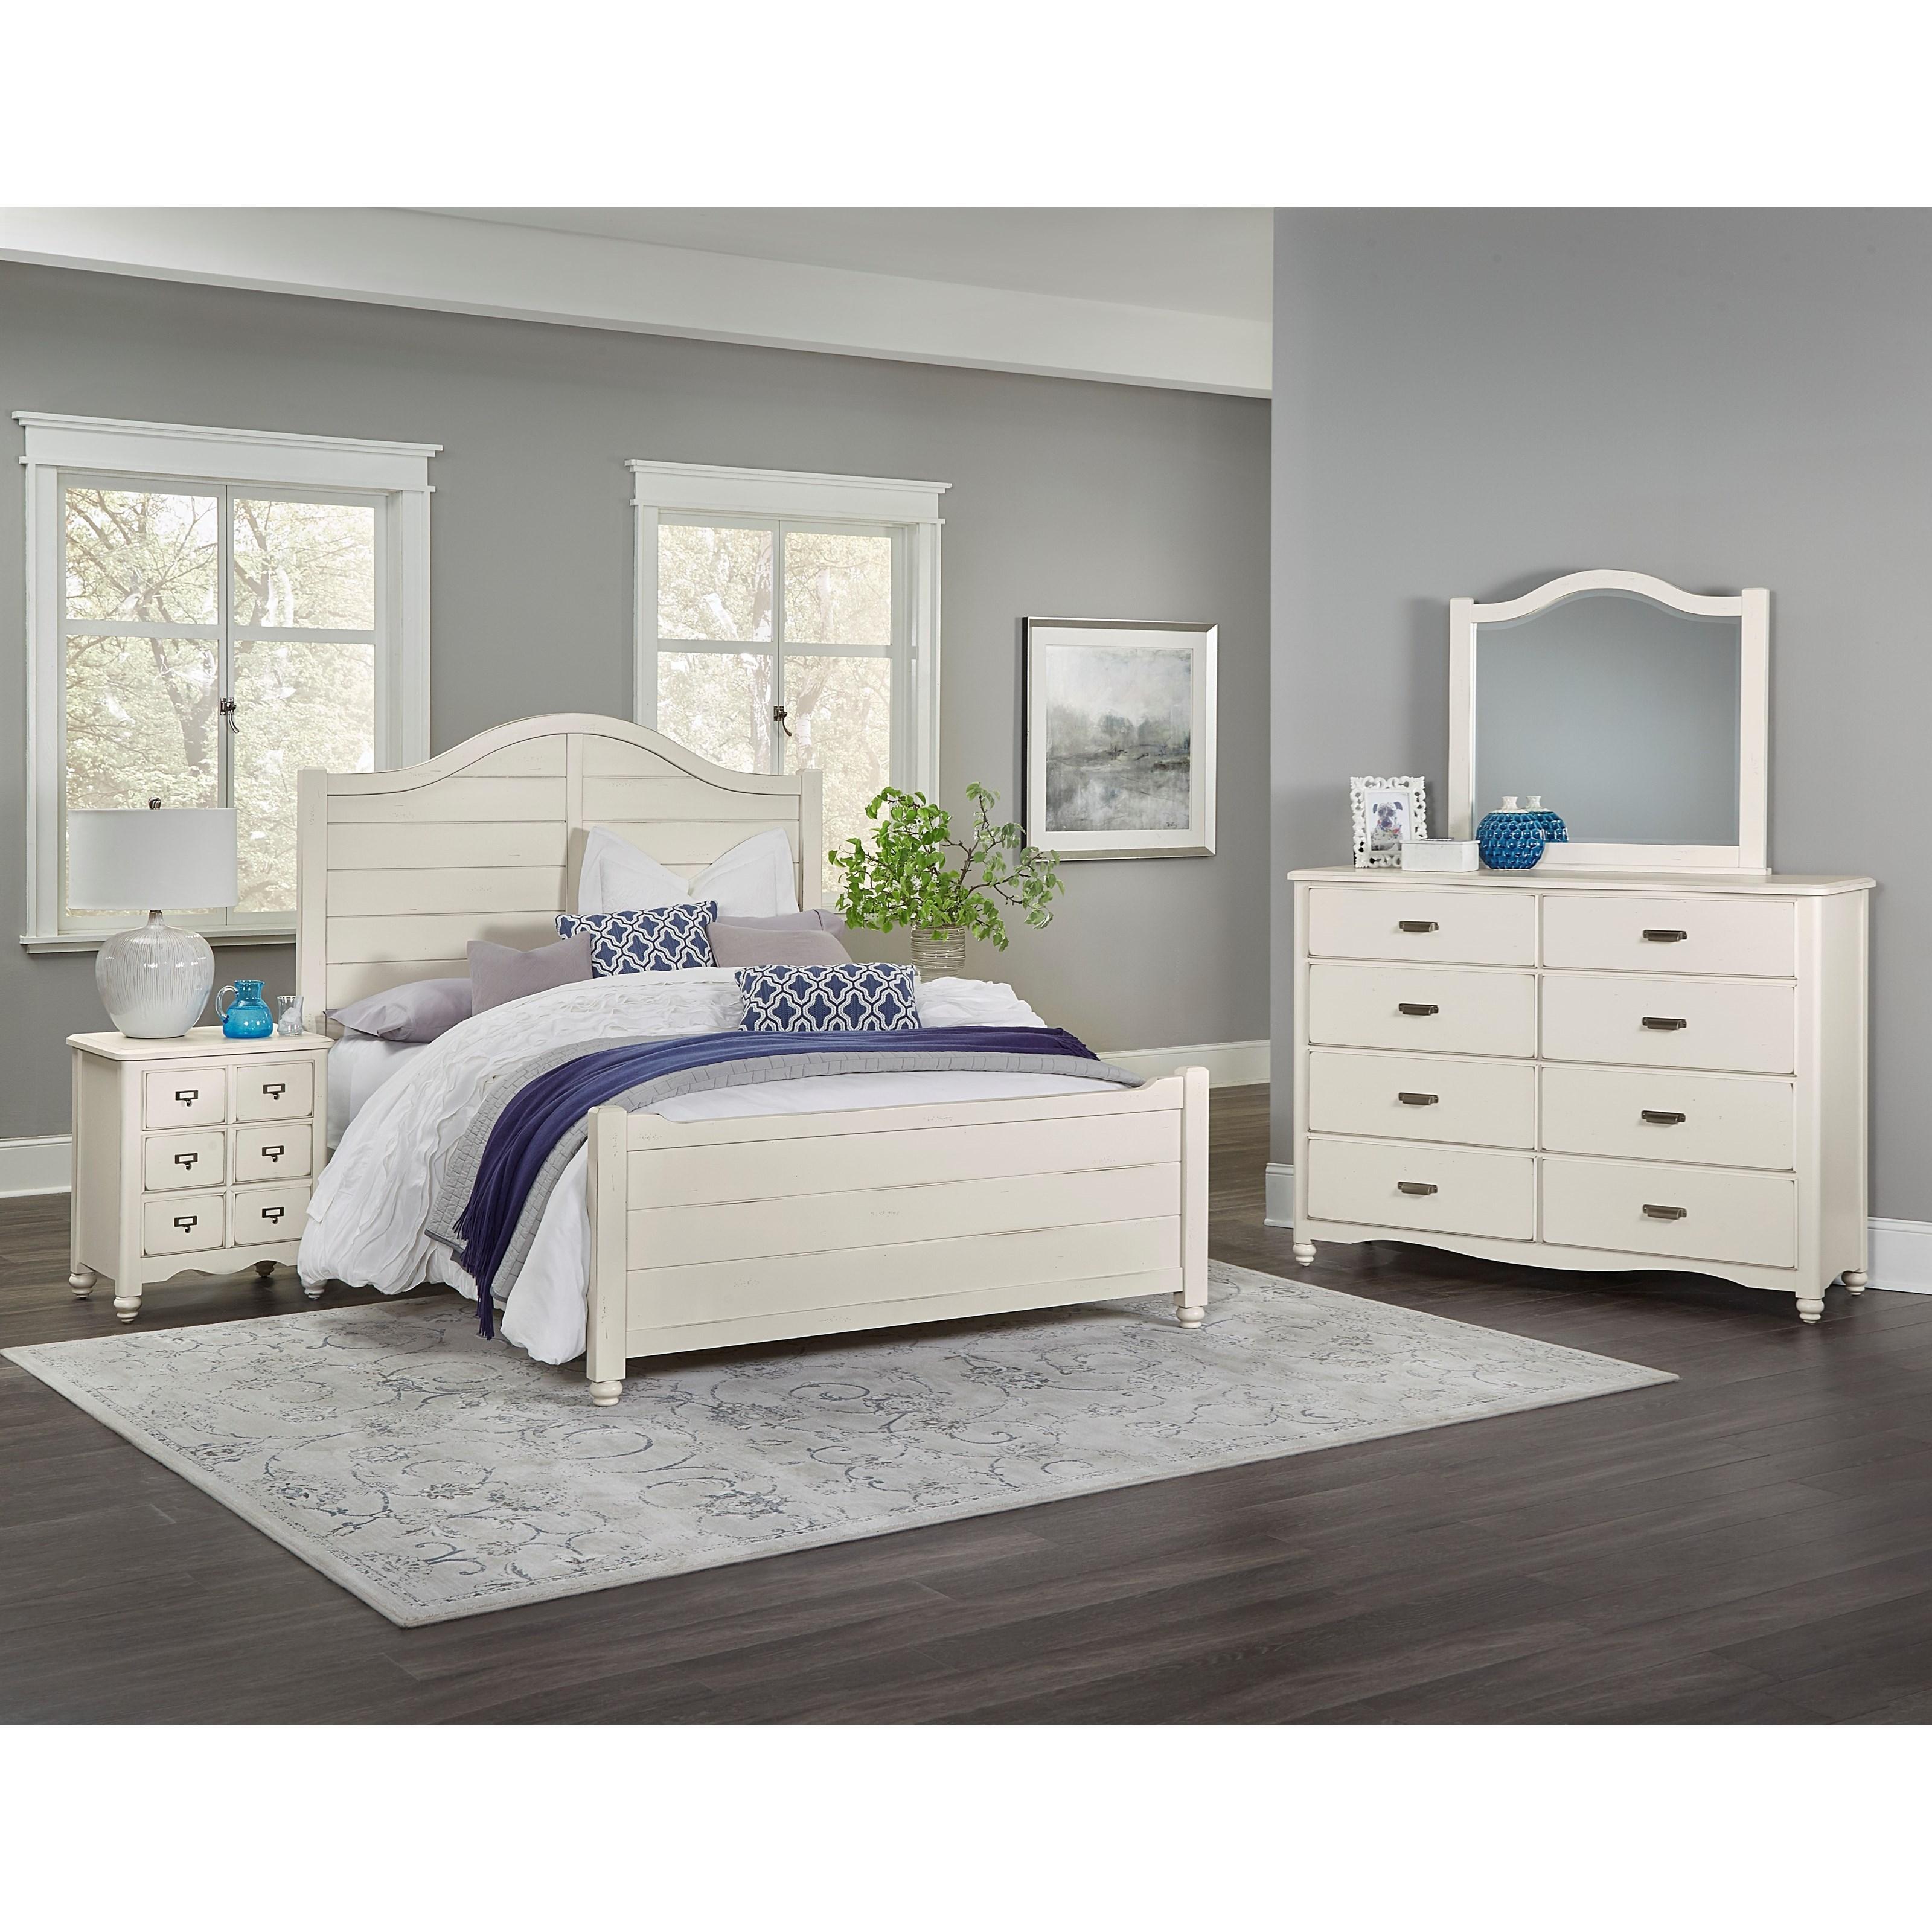 Vaughan Bassett American Maple Queen Bedroom Group - Item Number: 404 Q Bedroom Group 2